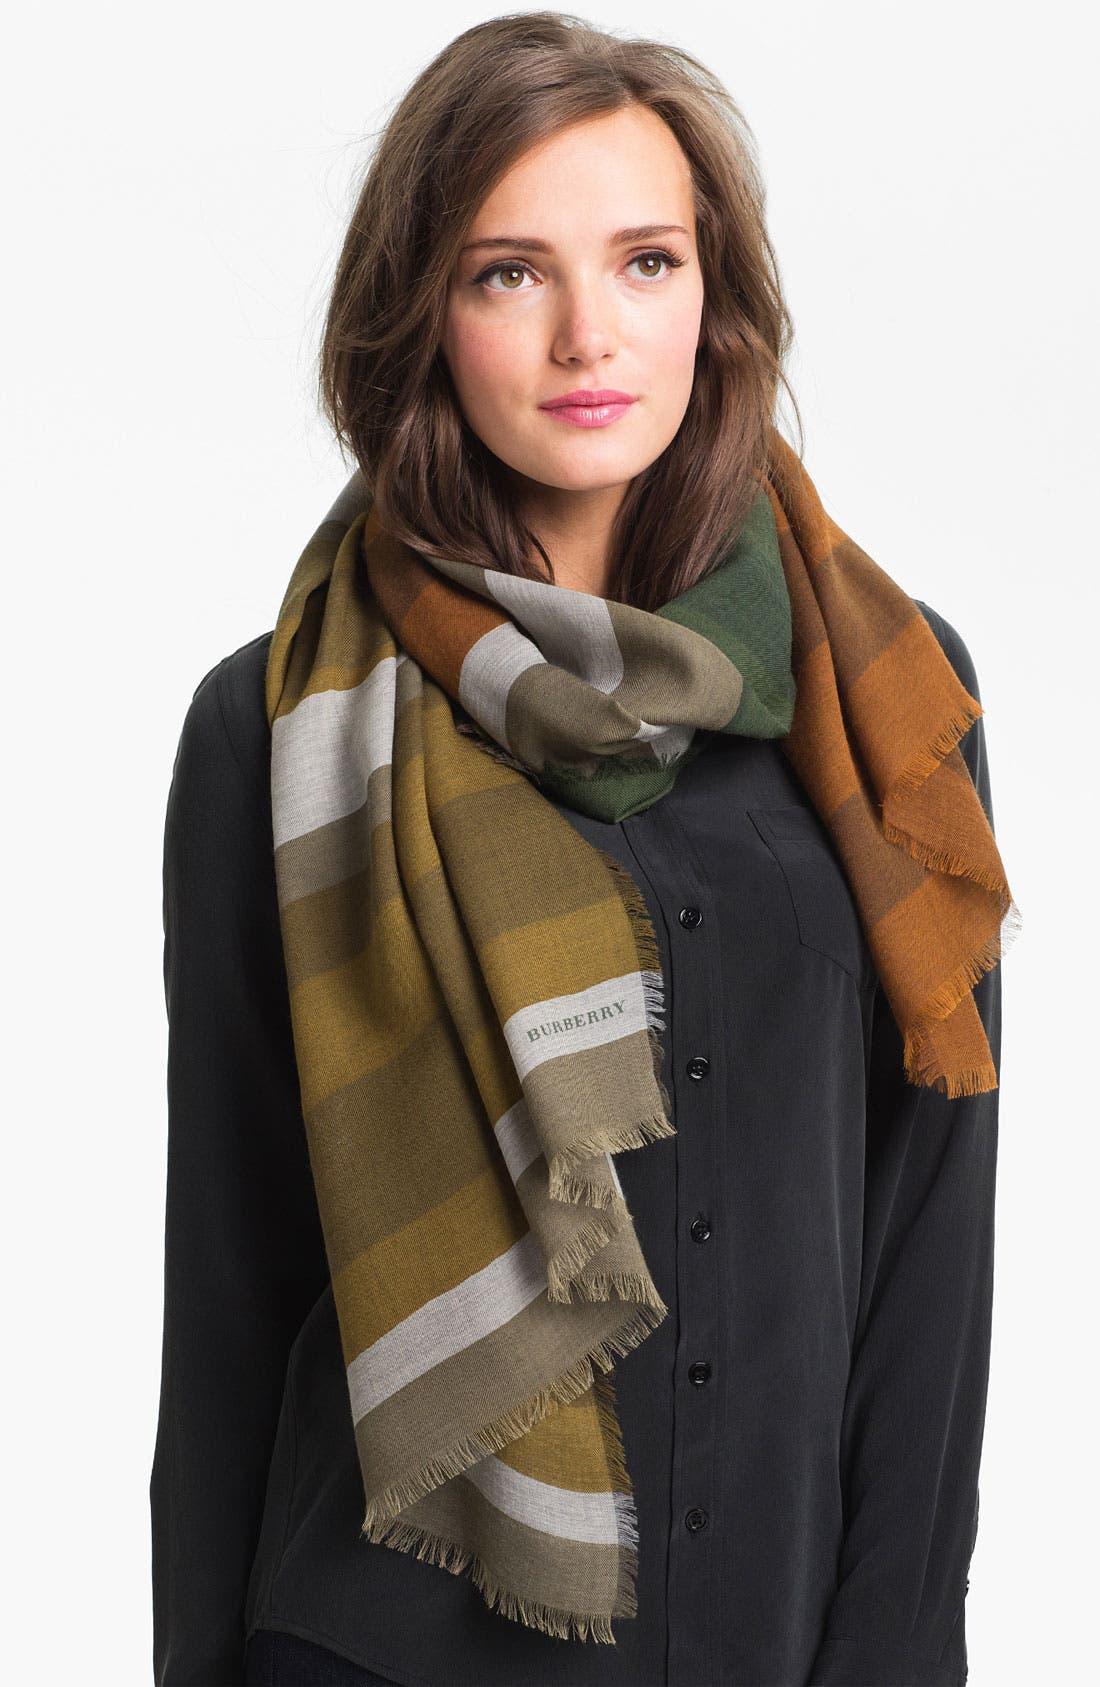 Alternate Image 1 Selected - Burberry Overprinted Wool & Silk Scarf